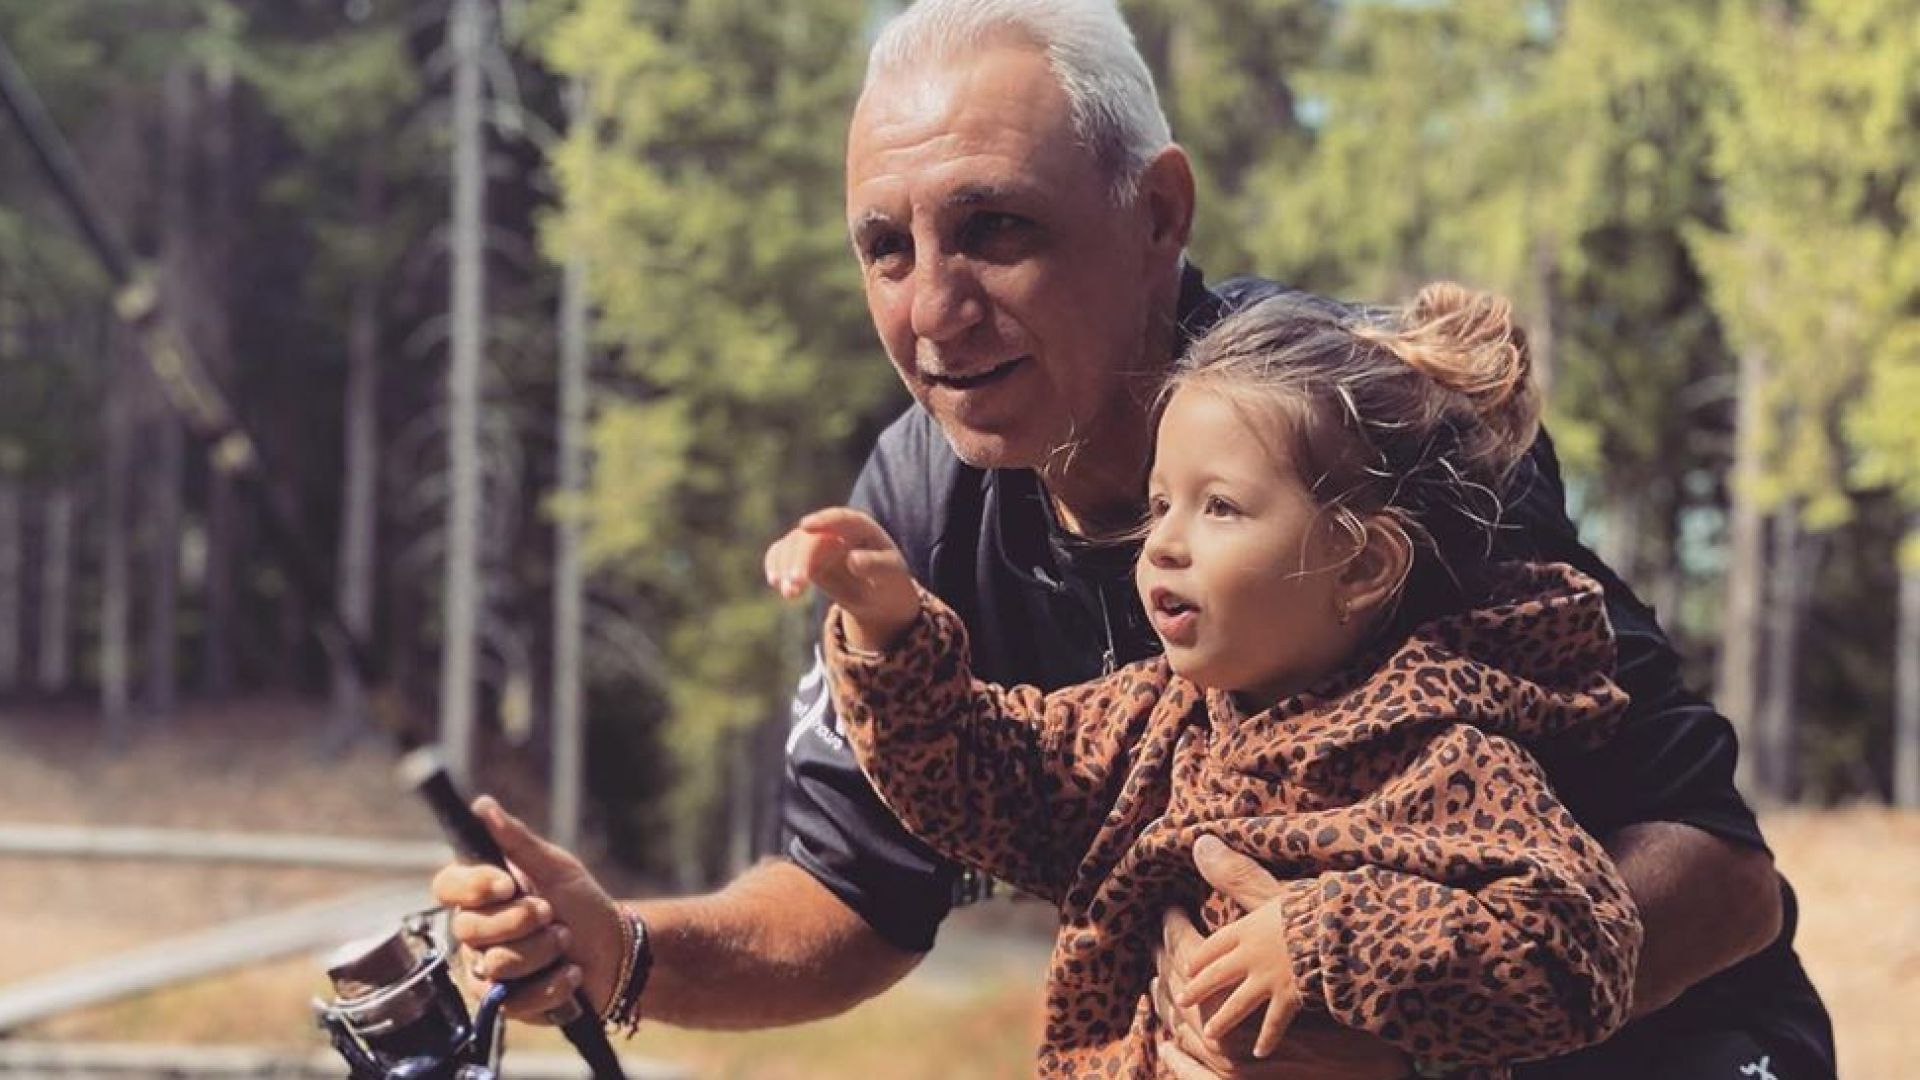 Христо Стоичков на риболов с внучката си (снимка)